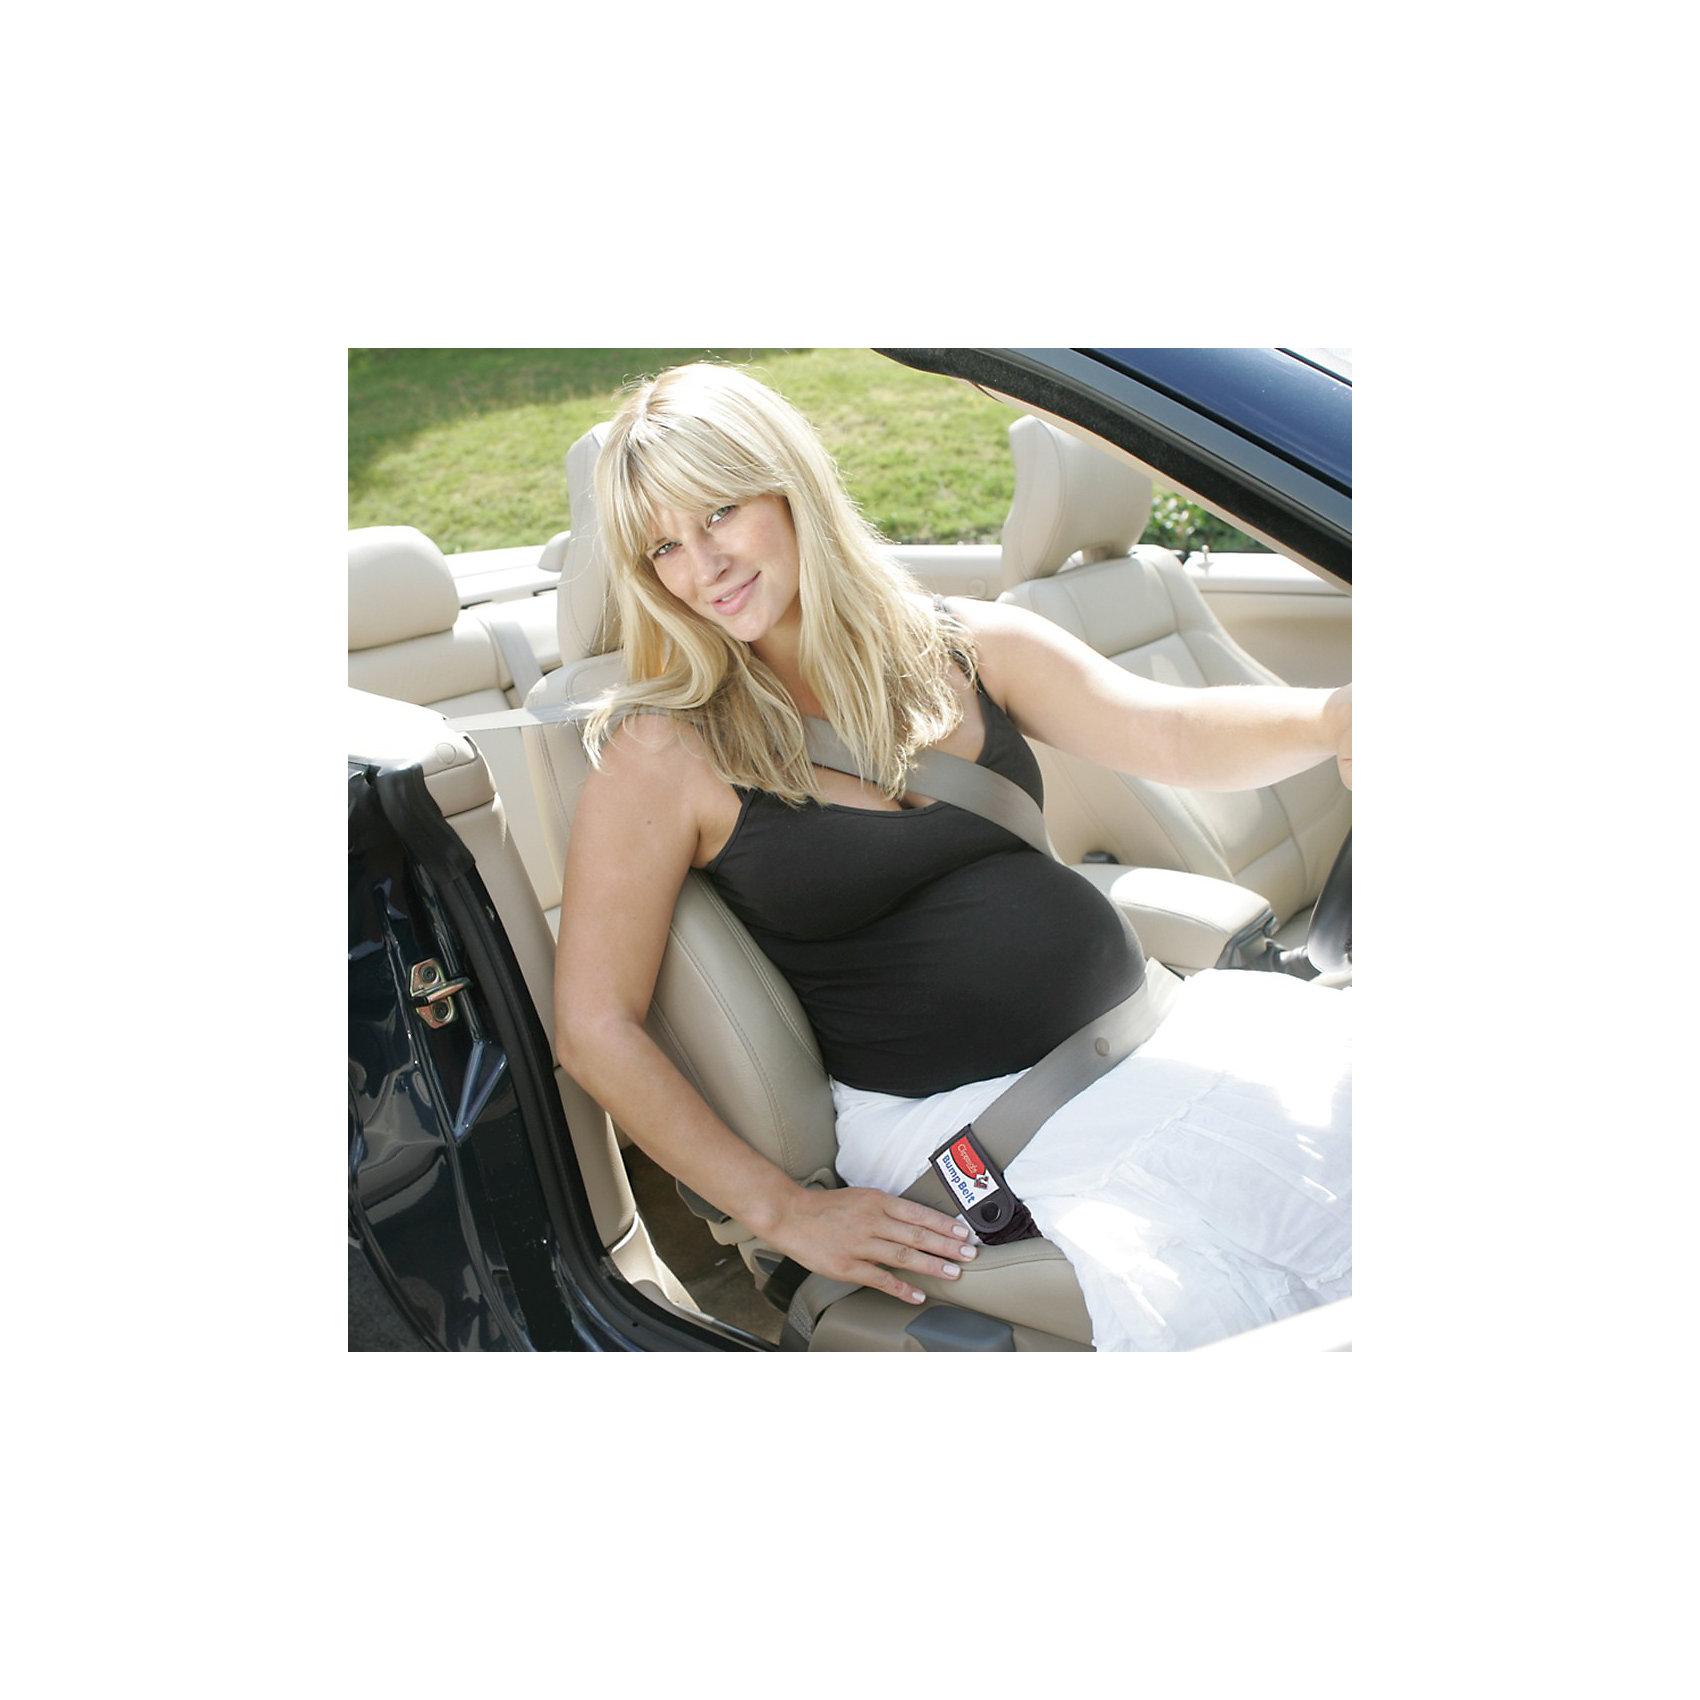 Автомобильный ремень для беременных, Clippasafe, черный (-)